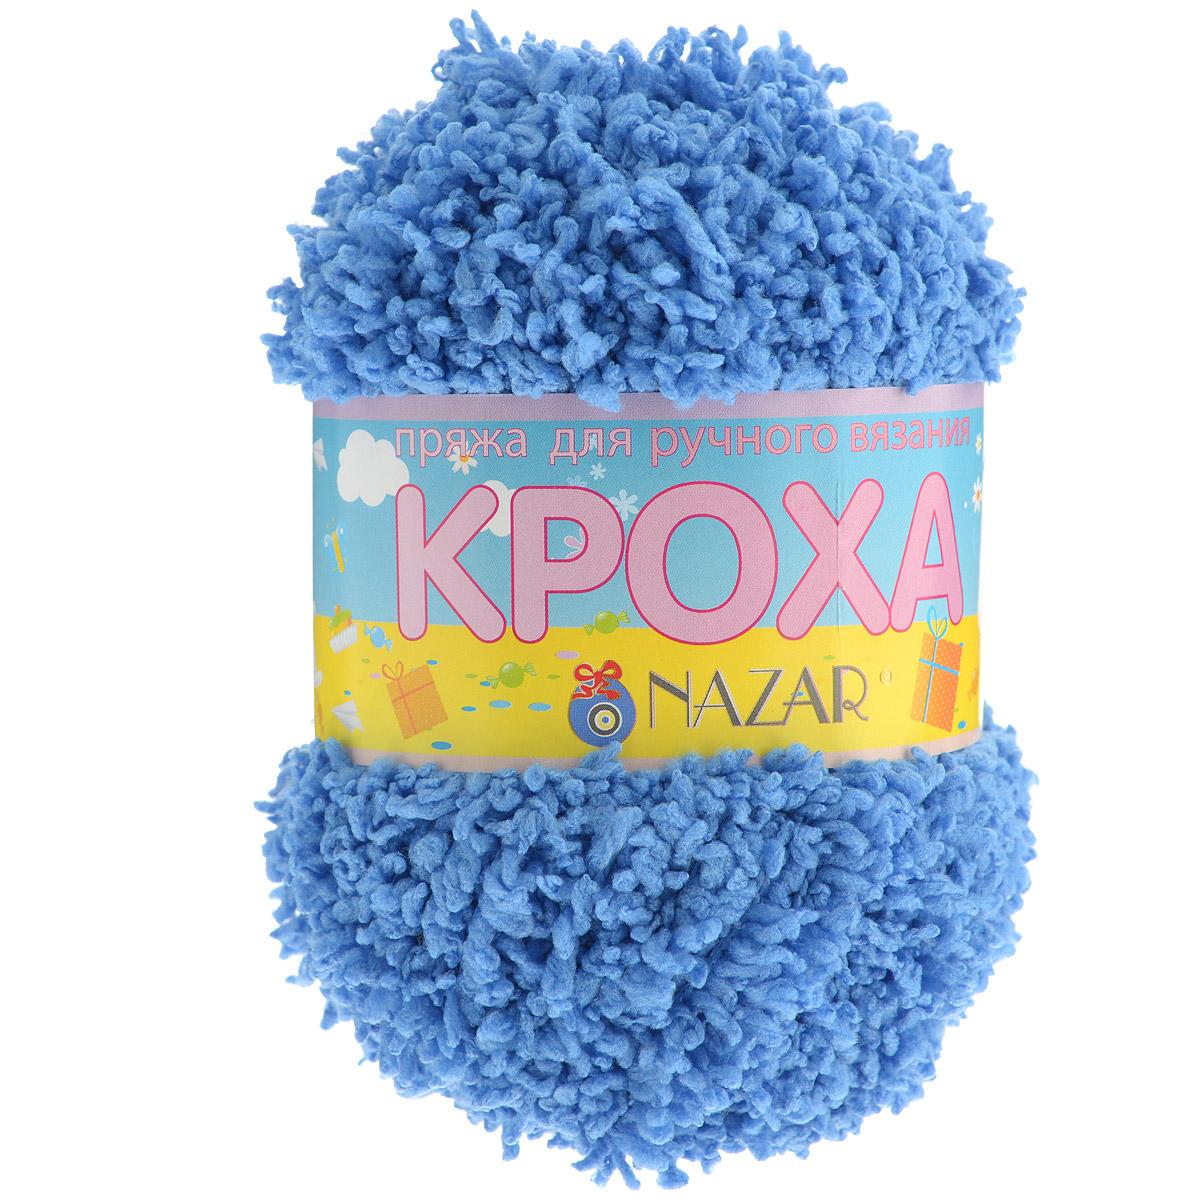 Пряжа для вязания детская Nazar Кроха, цвет: голубой (В06), 75 м, 50 г, 10 шт349017_В06Nazar Кроха - это фантастически мягкая пряжа, изготовленная из 100% микрополиэстера. Такая пряжа идеально подойдет для изготовления игрушек или детской одежды. Изделия практичны в носке и уходе. Рекомендуется вязать спицами платочной или чулочной вязкой (кулинарная гладь). Комплектация: 10 мотков. Состав: 100% микрополиэстер.